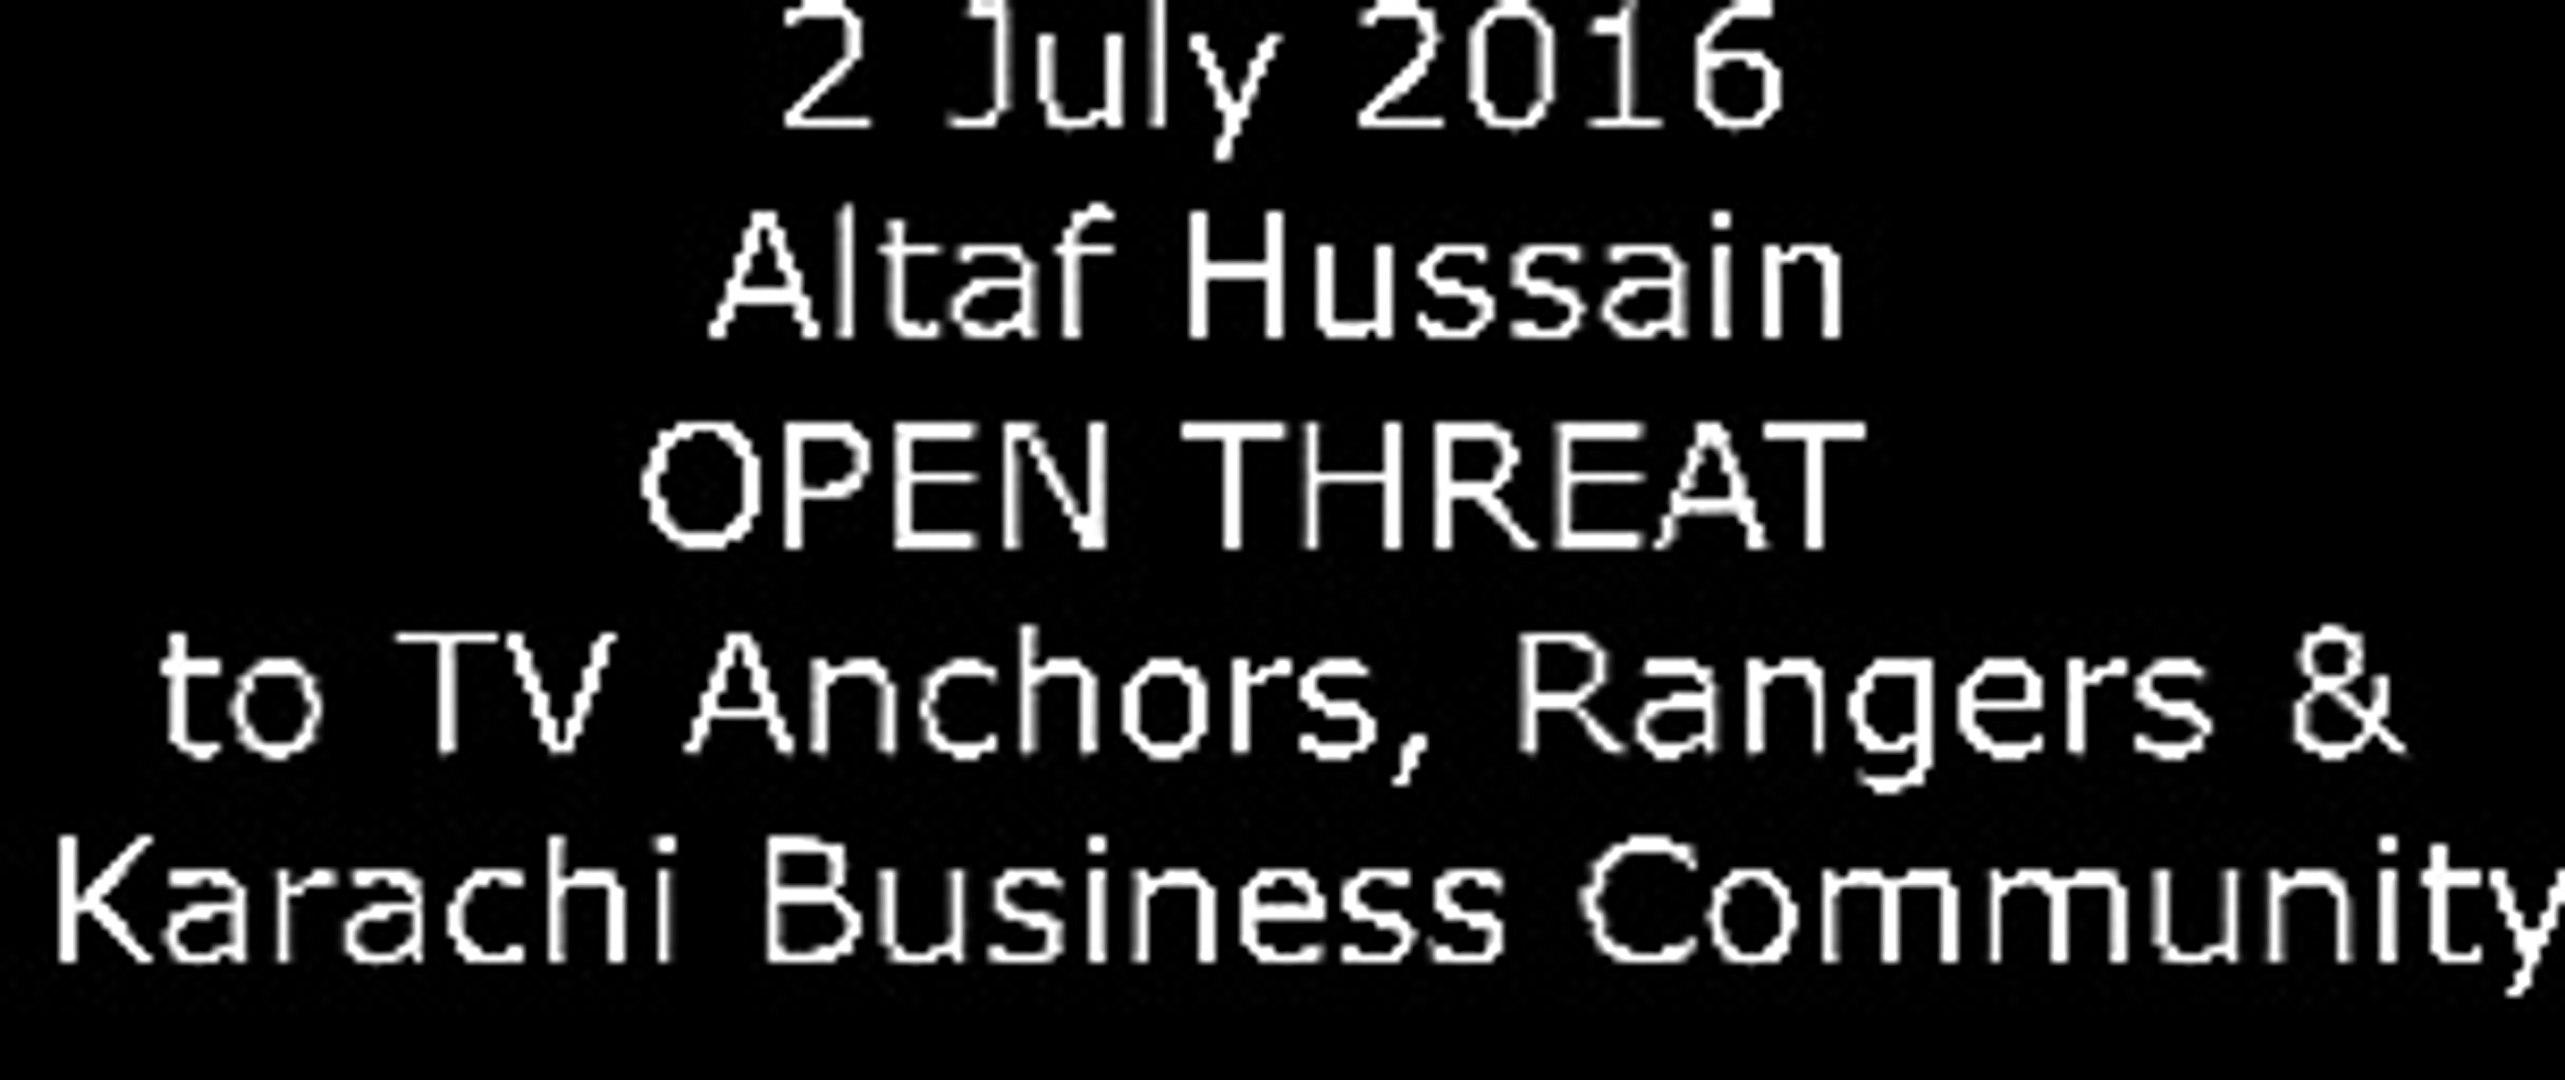 Post NEW Speech Altaf Hussain open Threat to TV Anchors & Karachi Business Community!